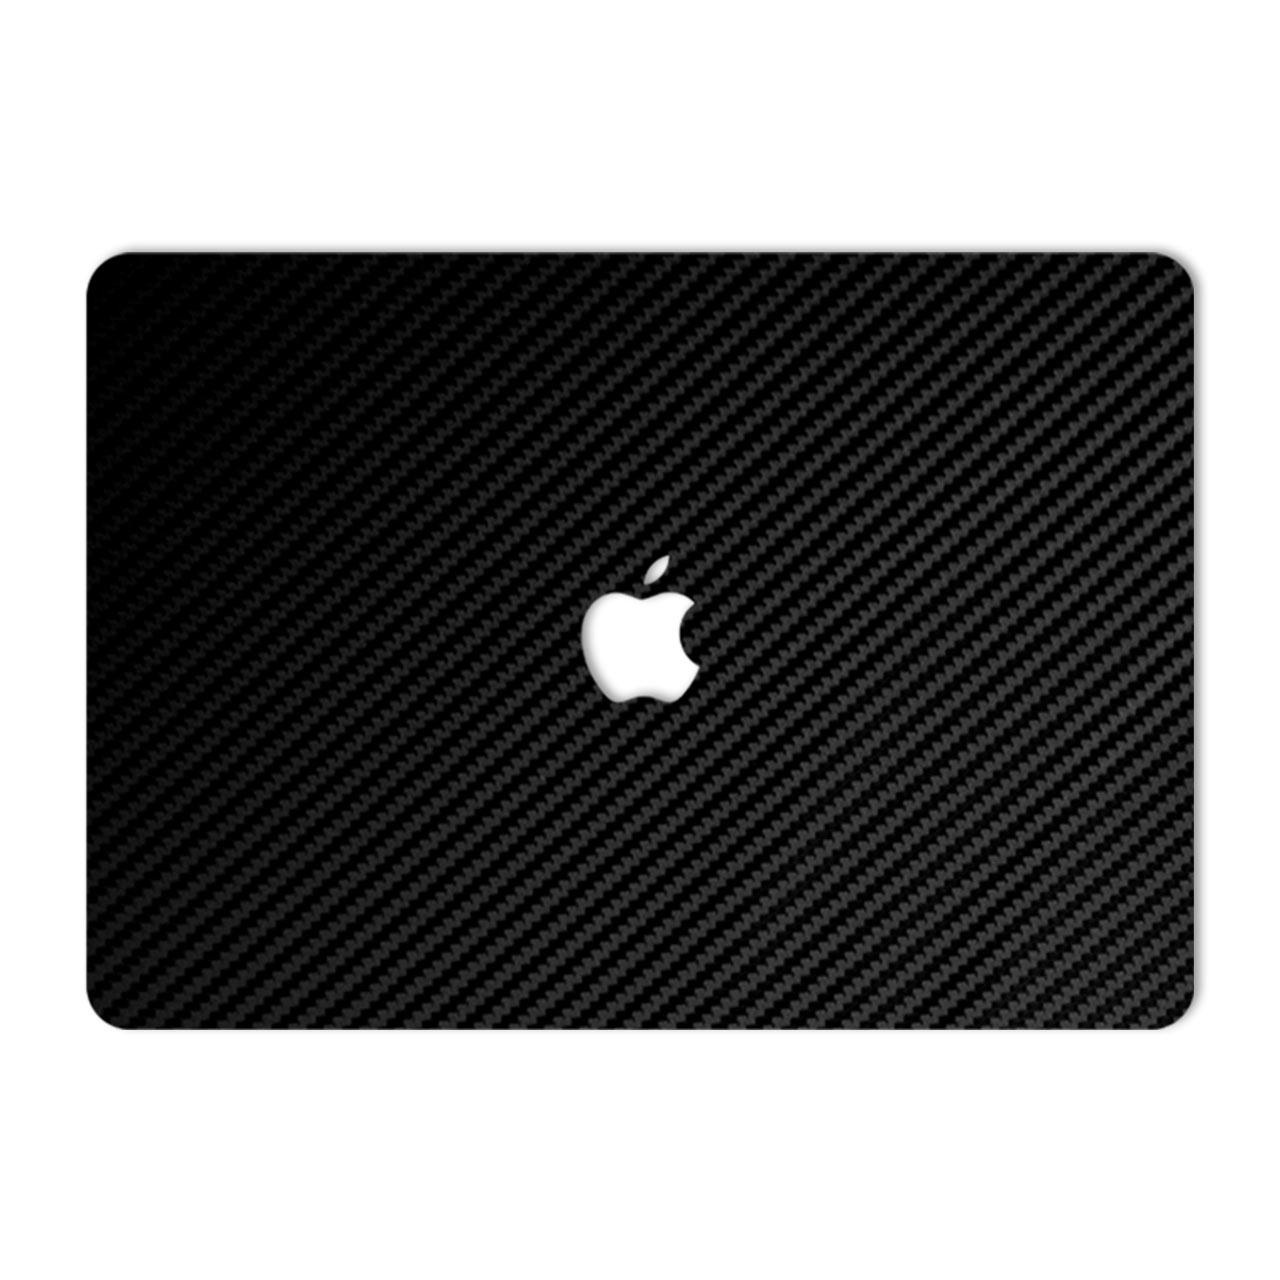 برچسب پوششی ماهوت طرح Black Carbon مناسب برای لپ تاپ Macbook 12inch Retina